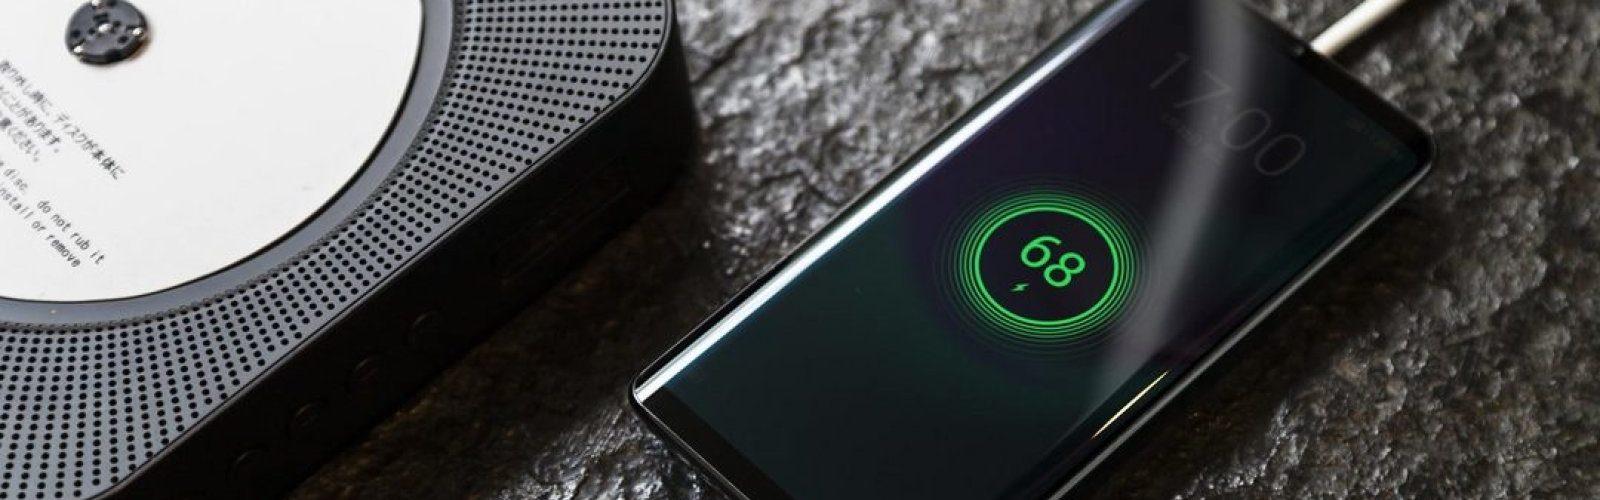 الكشف عن هاتف ذكي بتصميم نادر